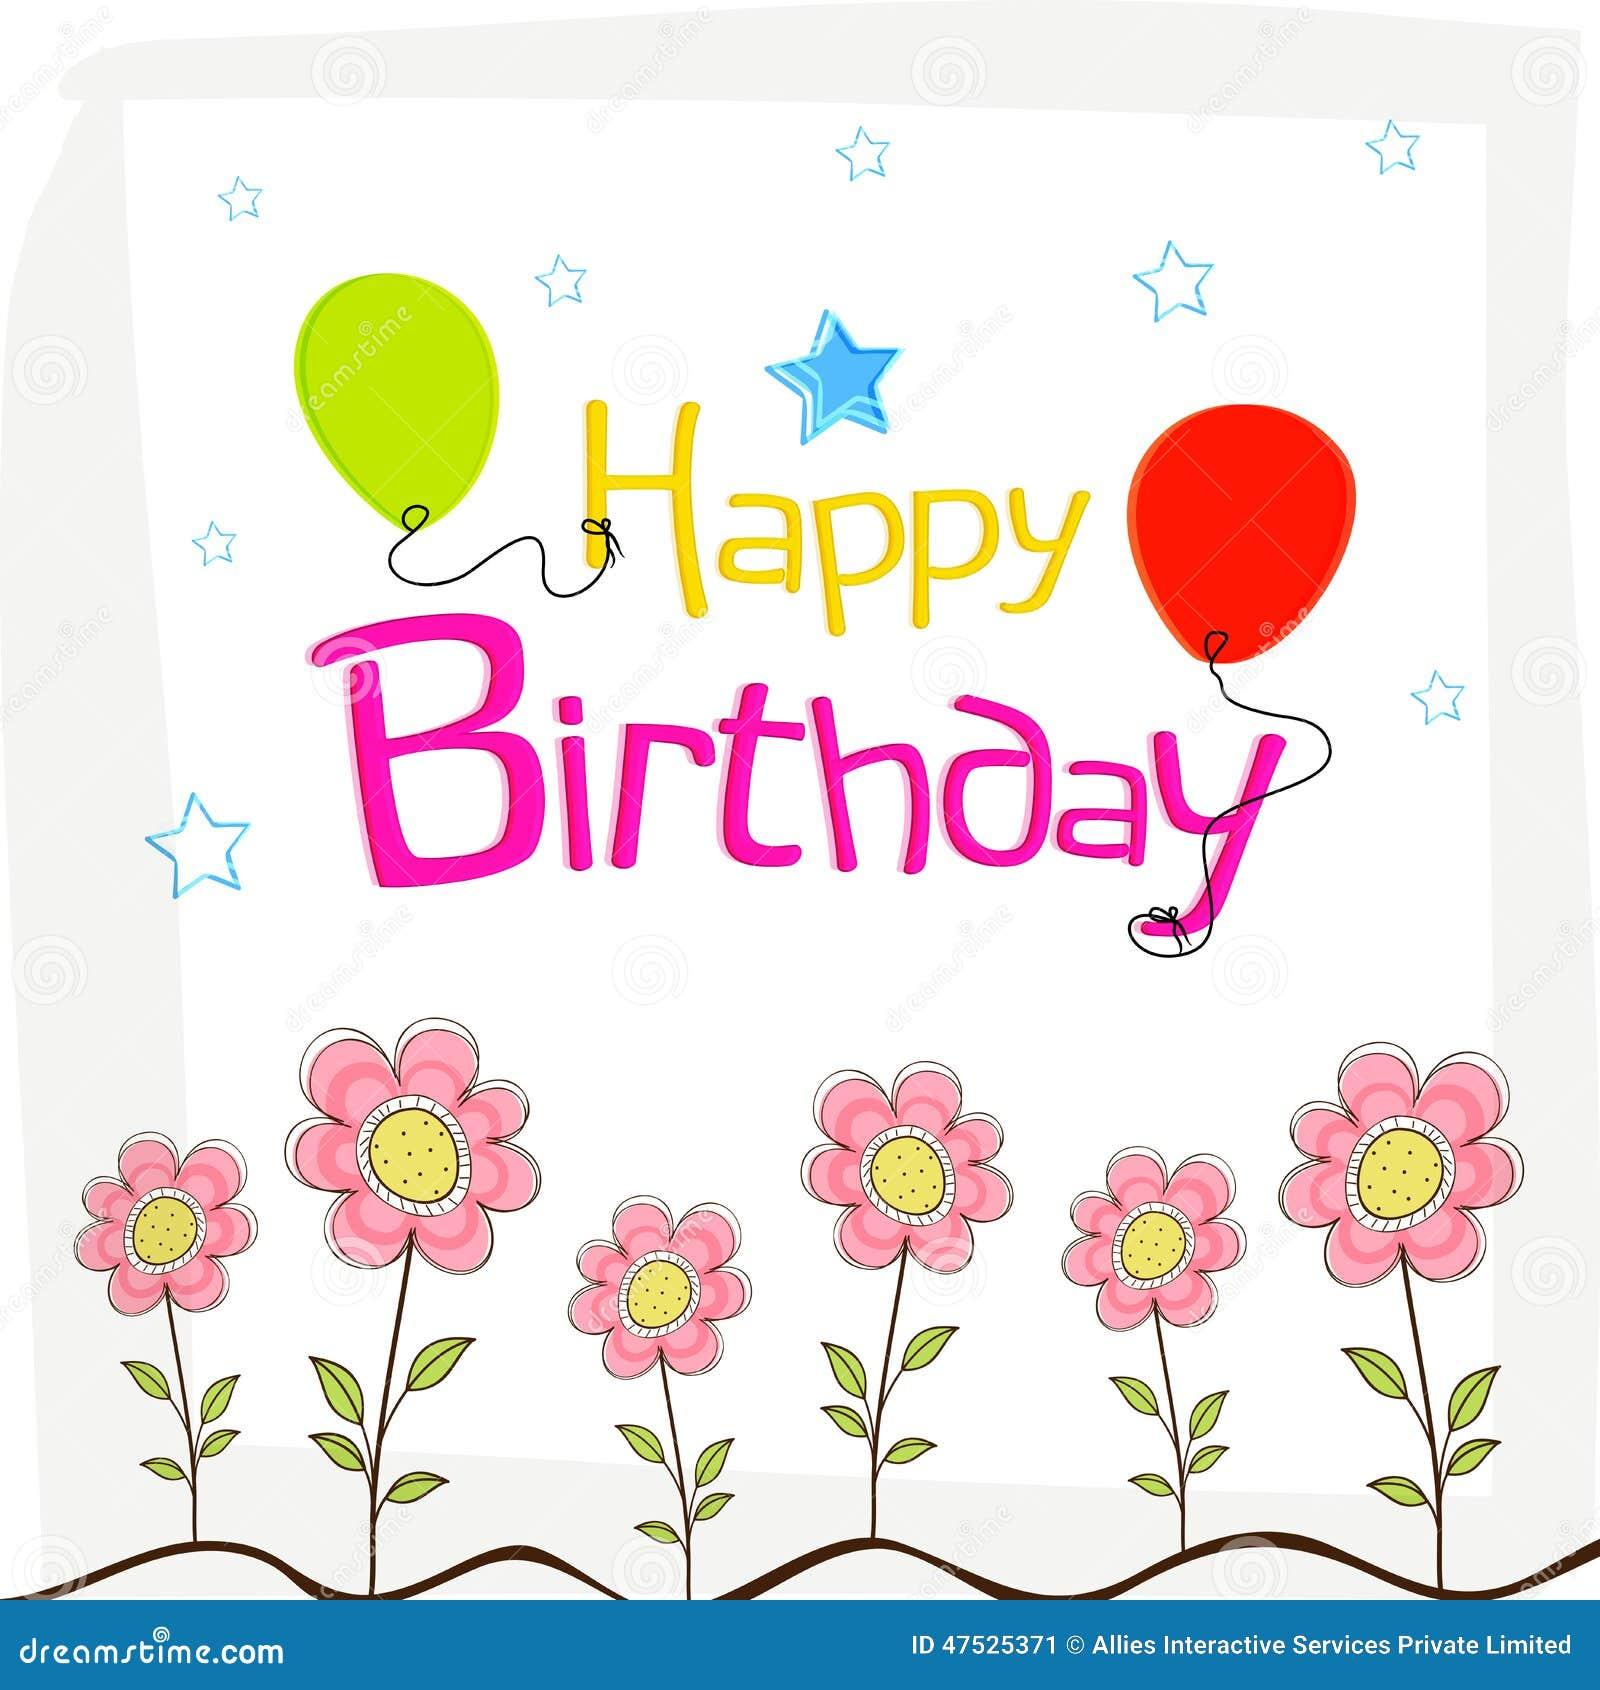 De gelukkige verjaardag wenst afficheontwerp met decoratie for Decoratie verjaardag